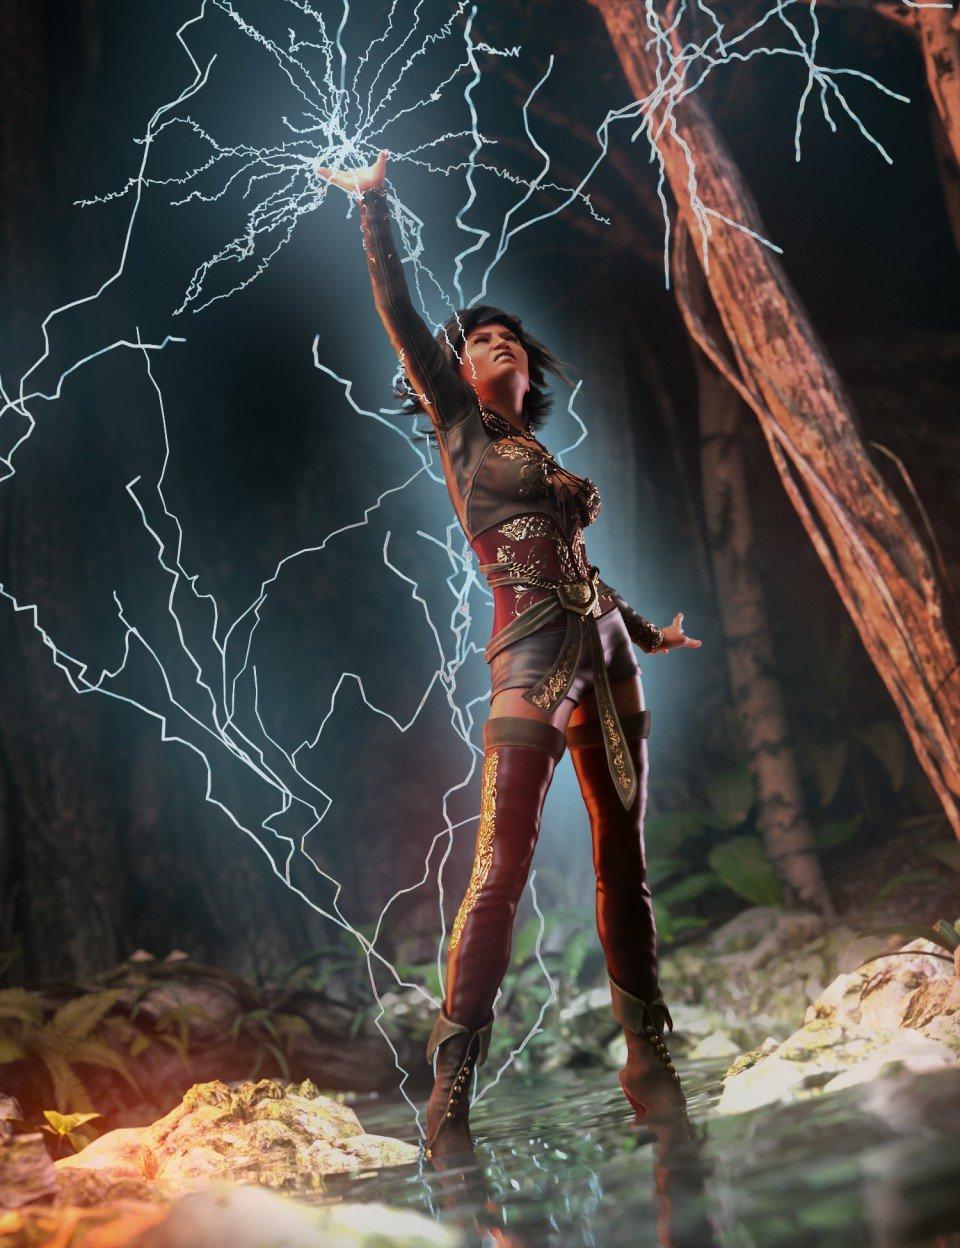 Lightning Bolts Vol. 1_DAZ3D下载站